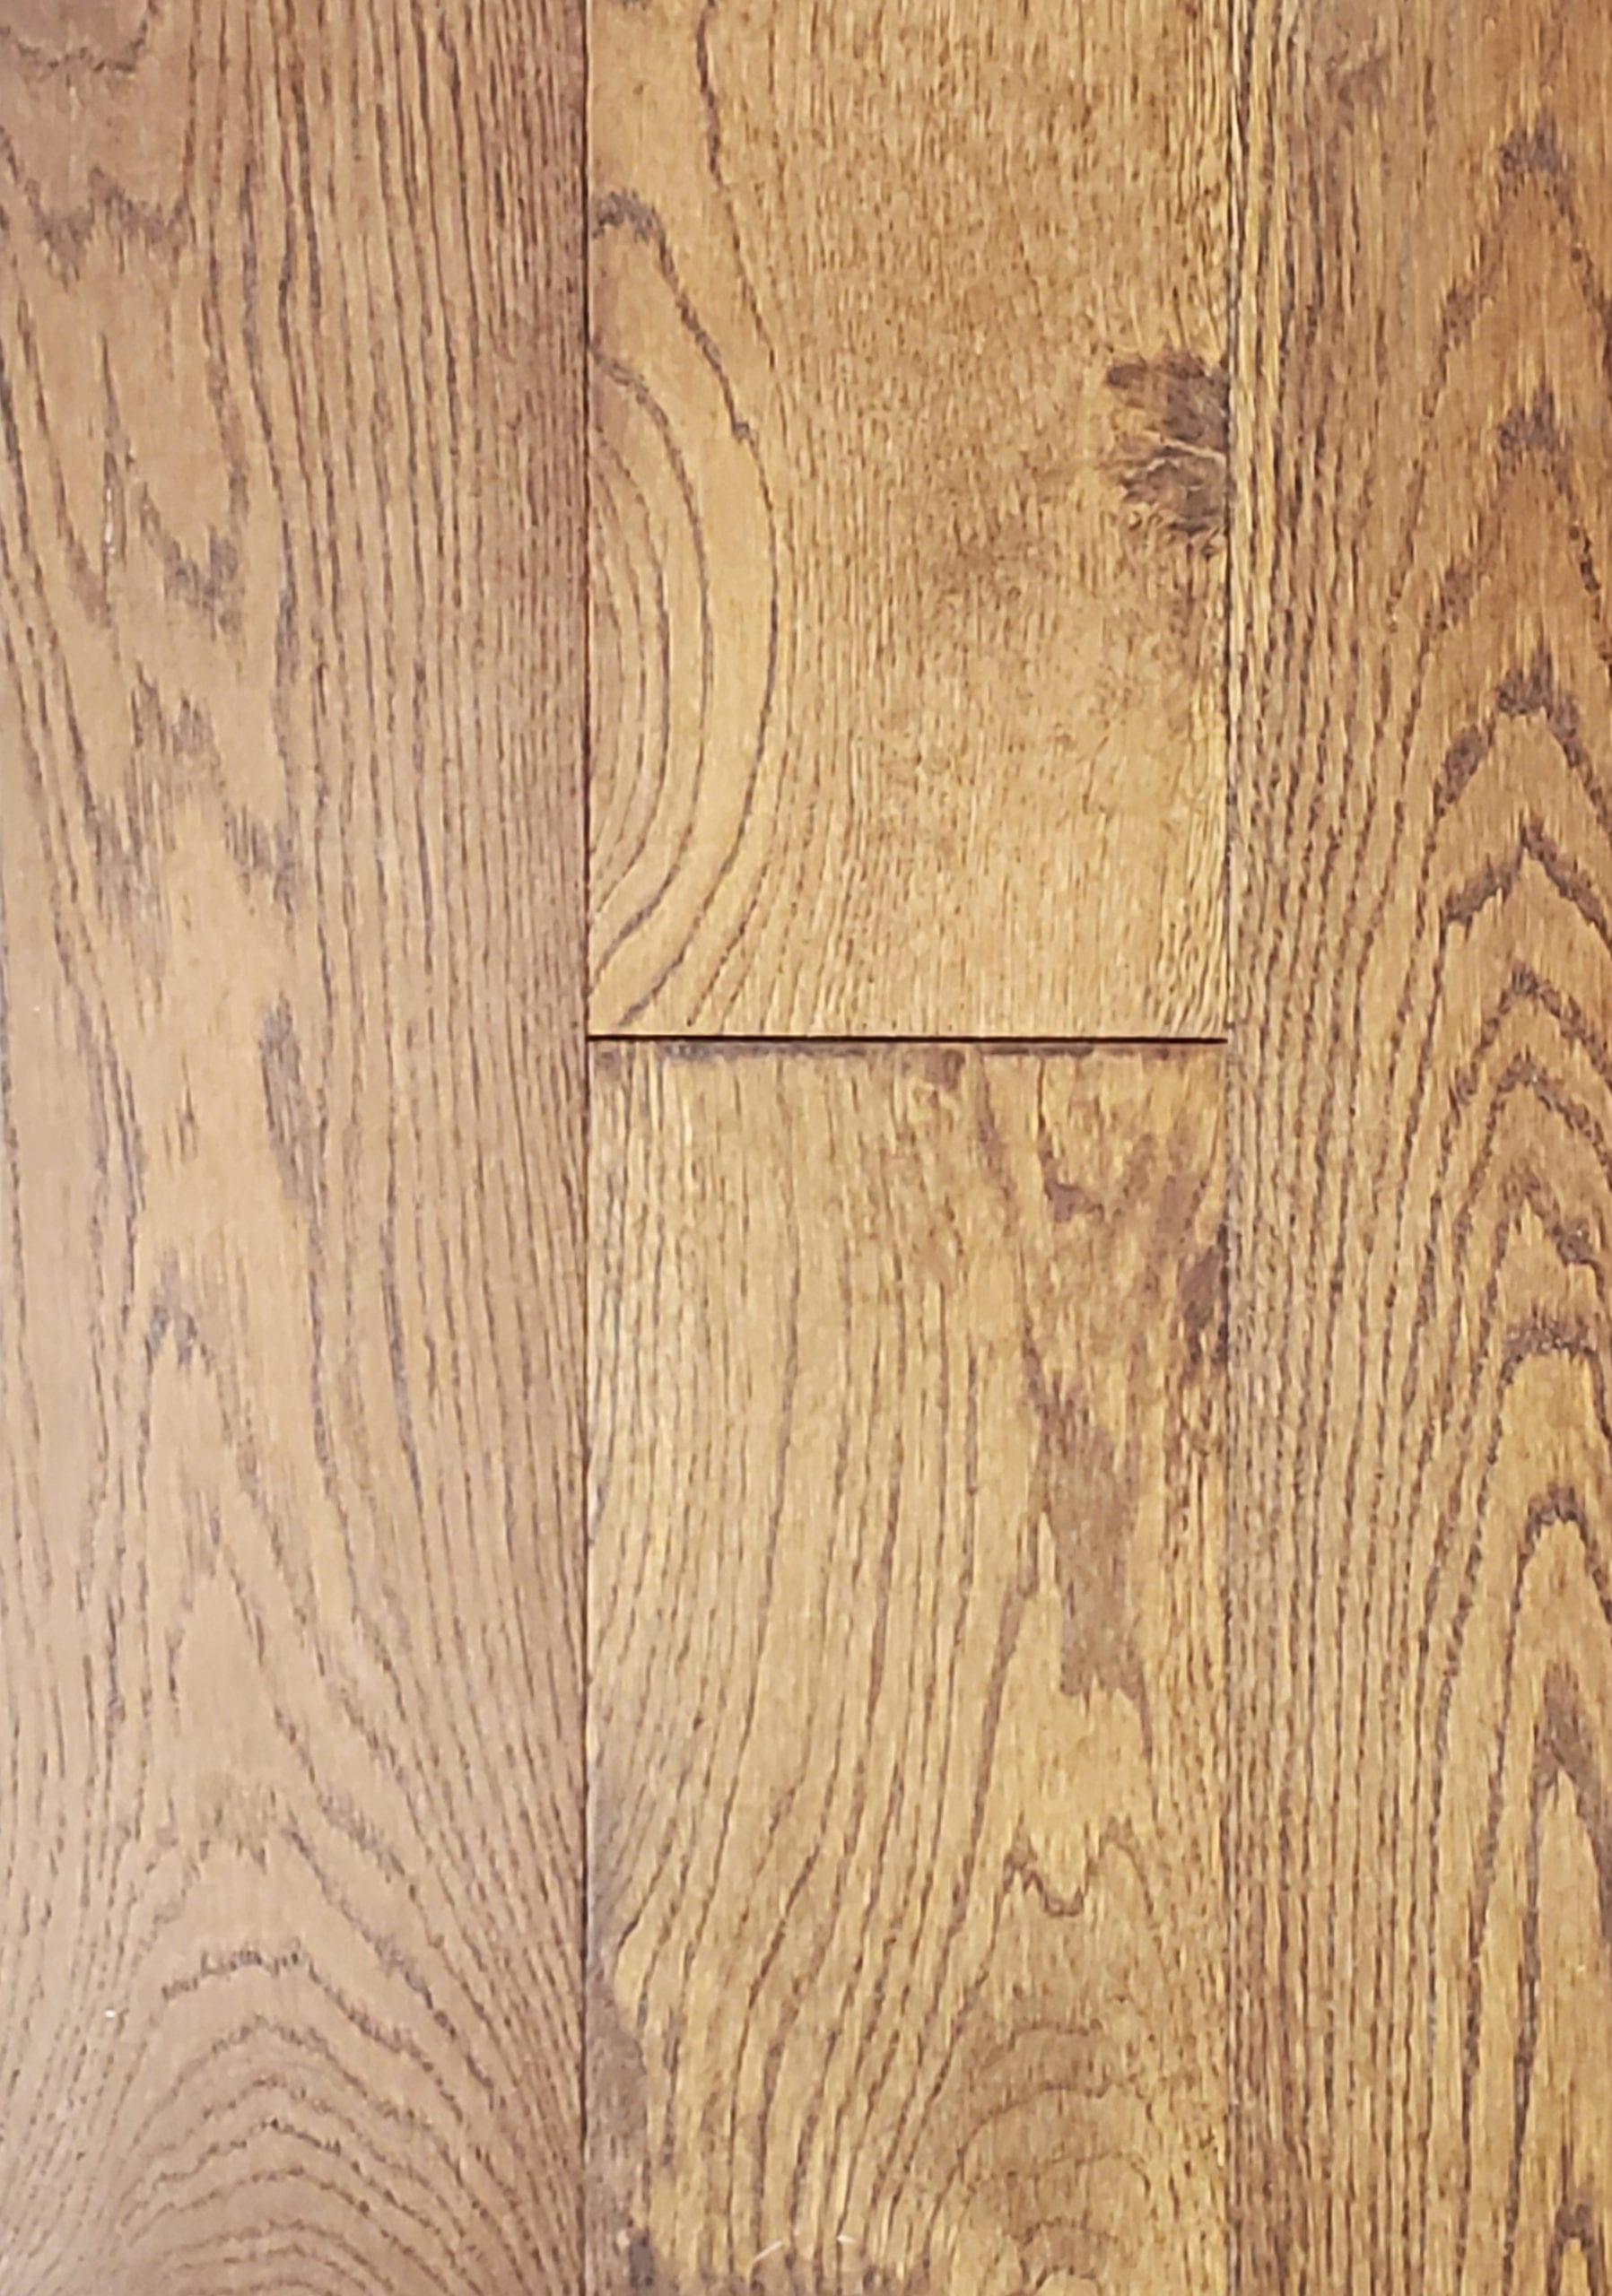 6.5inx.75inxRL European Oak Hardwood_Wirebrushed_Birmingham_23.11sfct_4.99